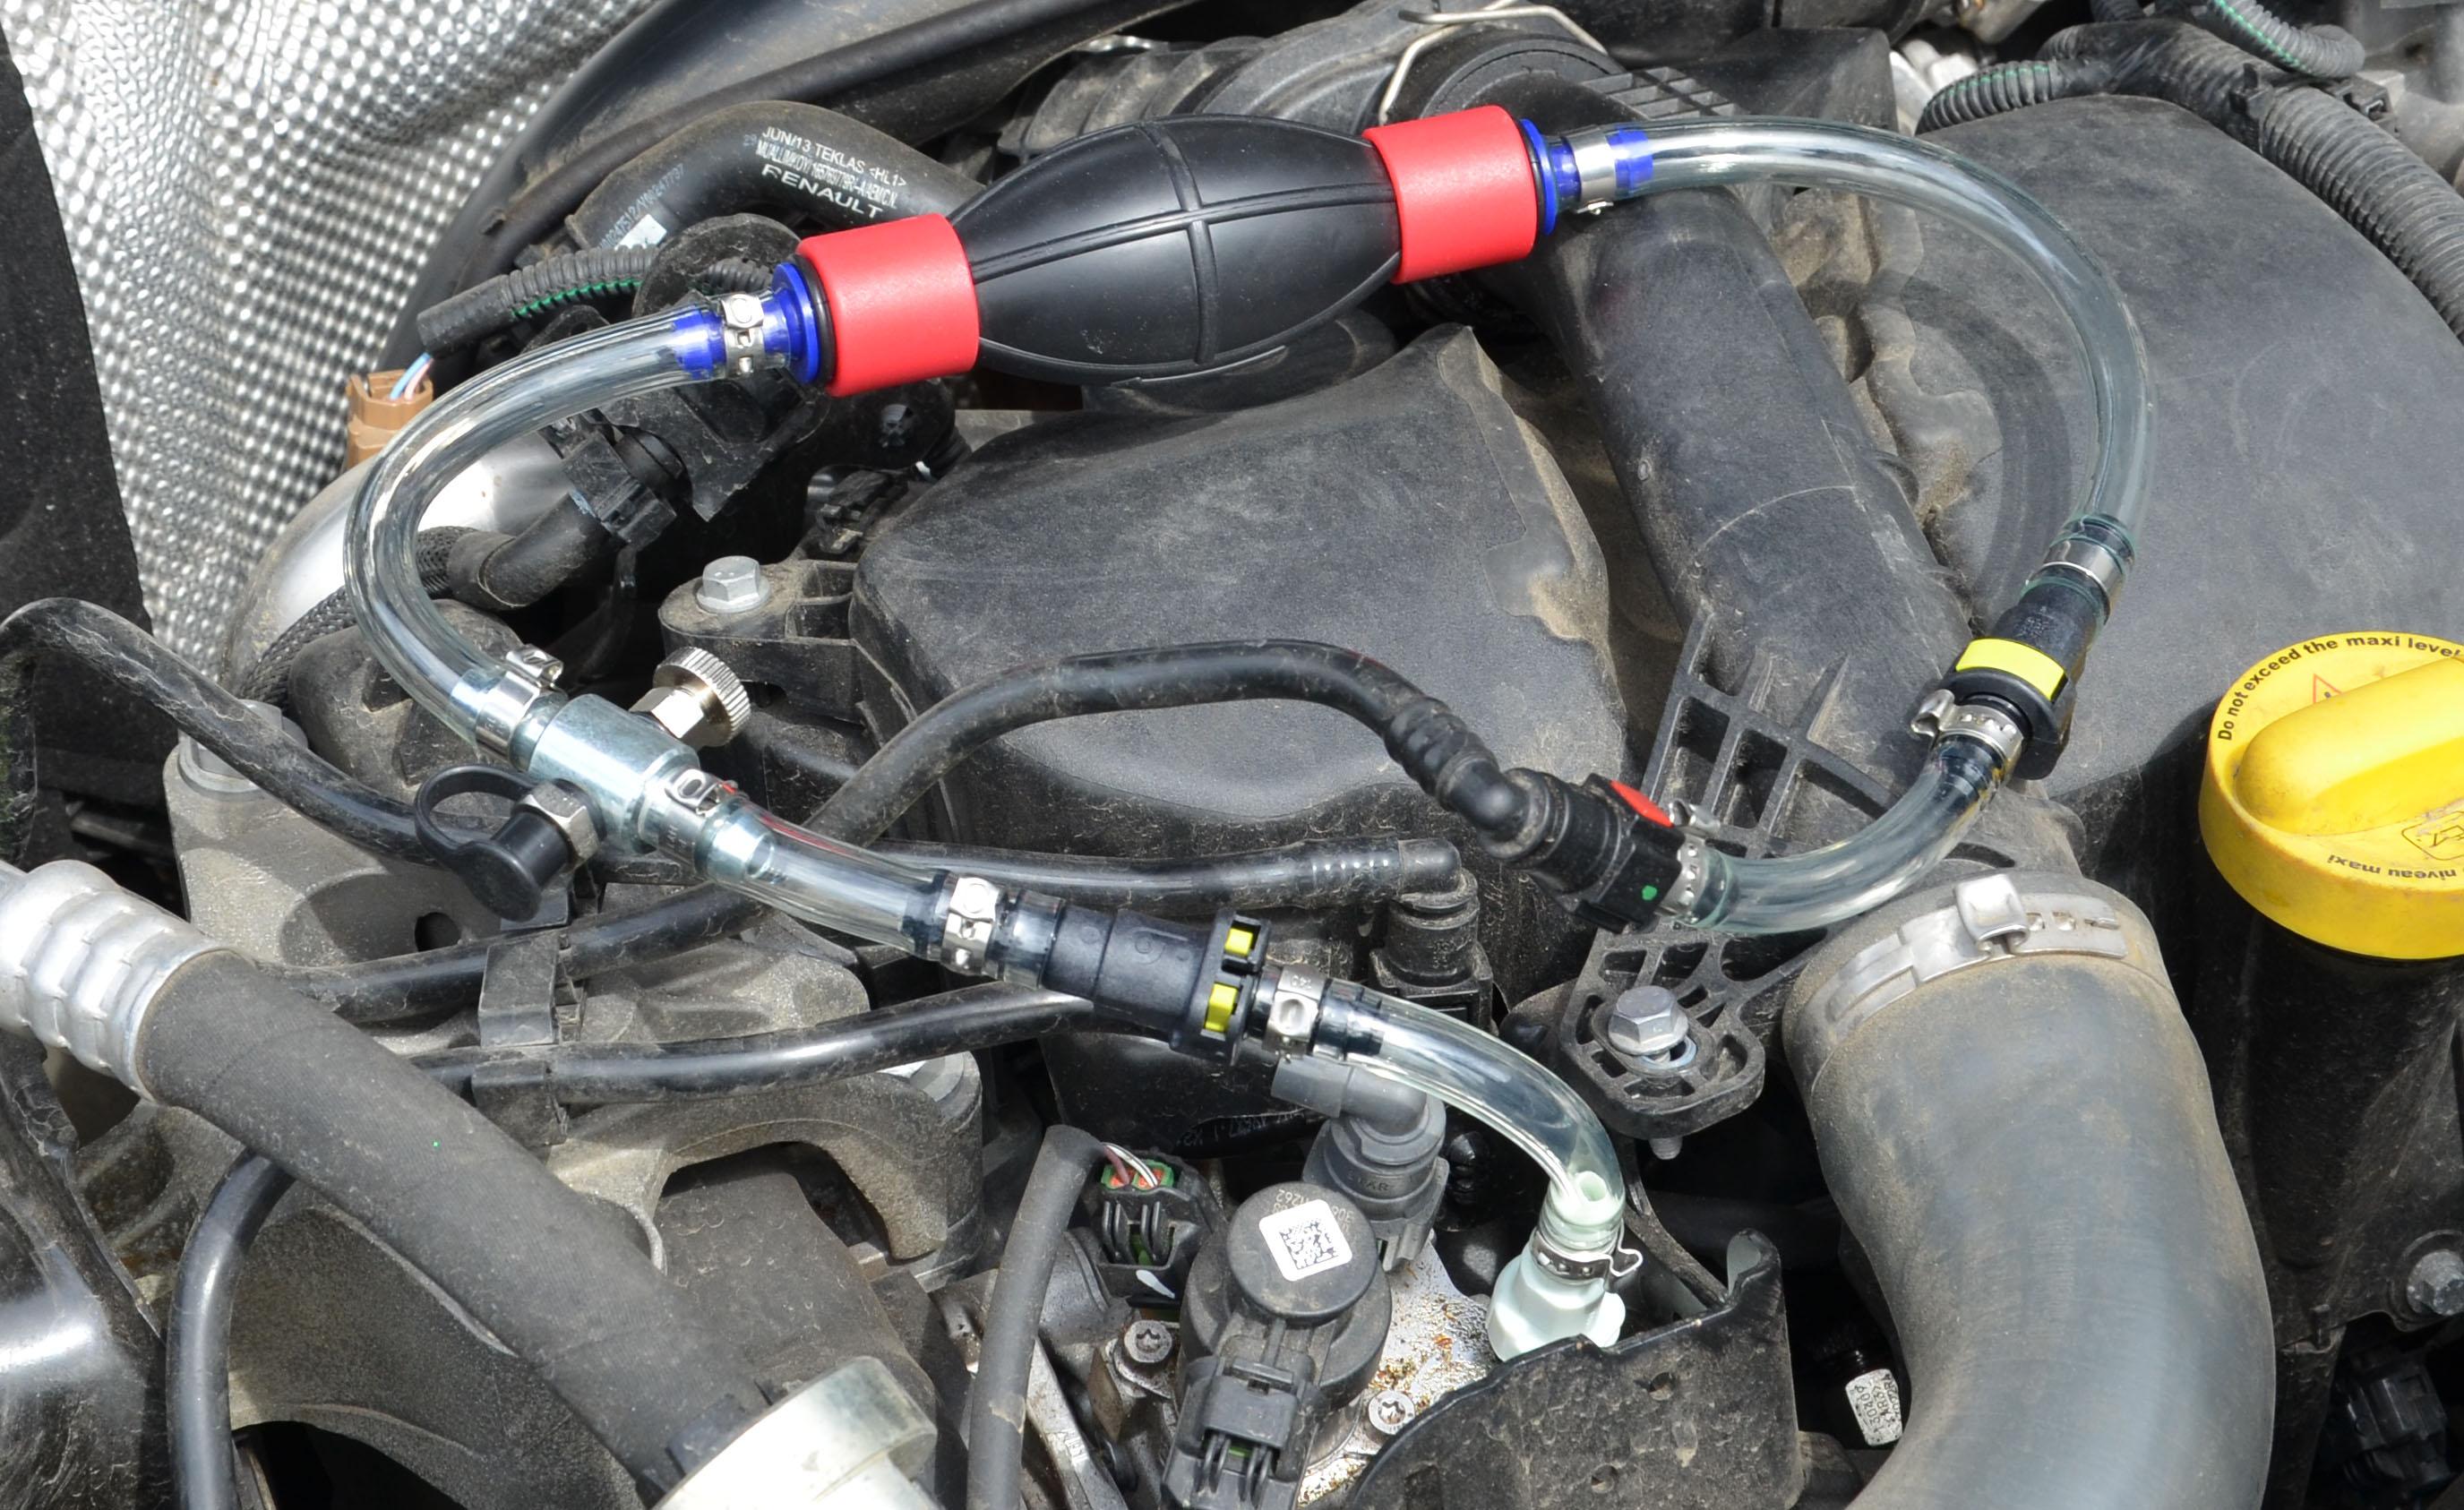 Diesel priming and bleeding kit